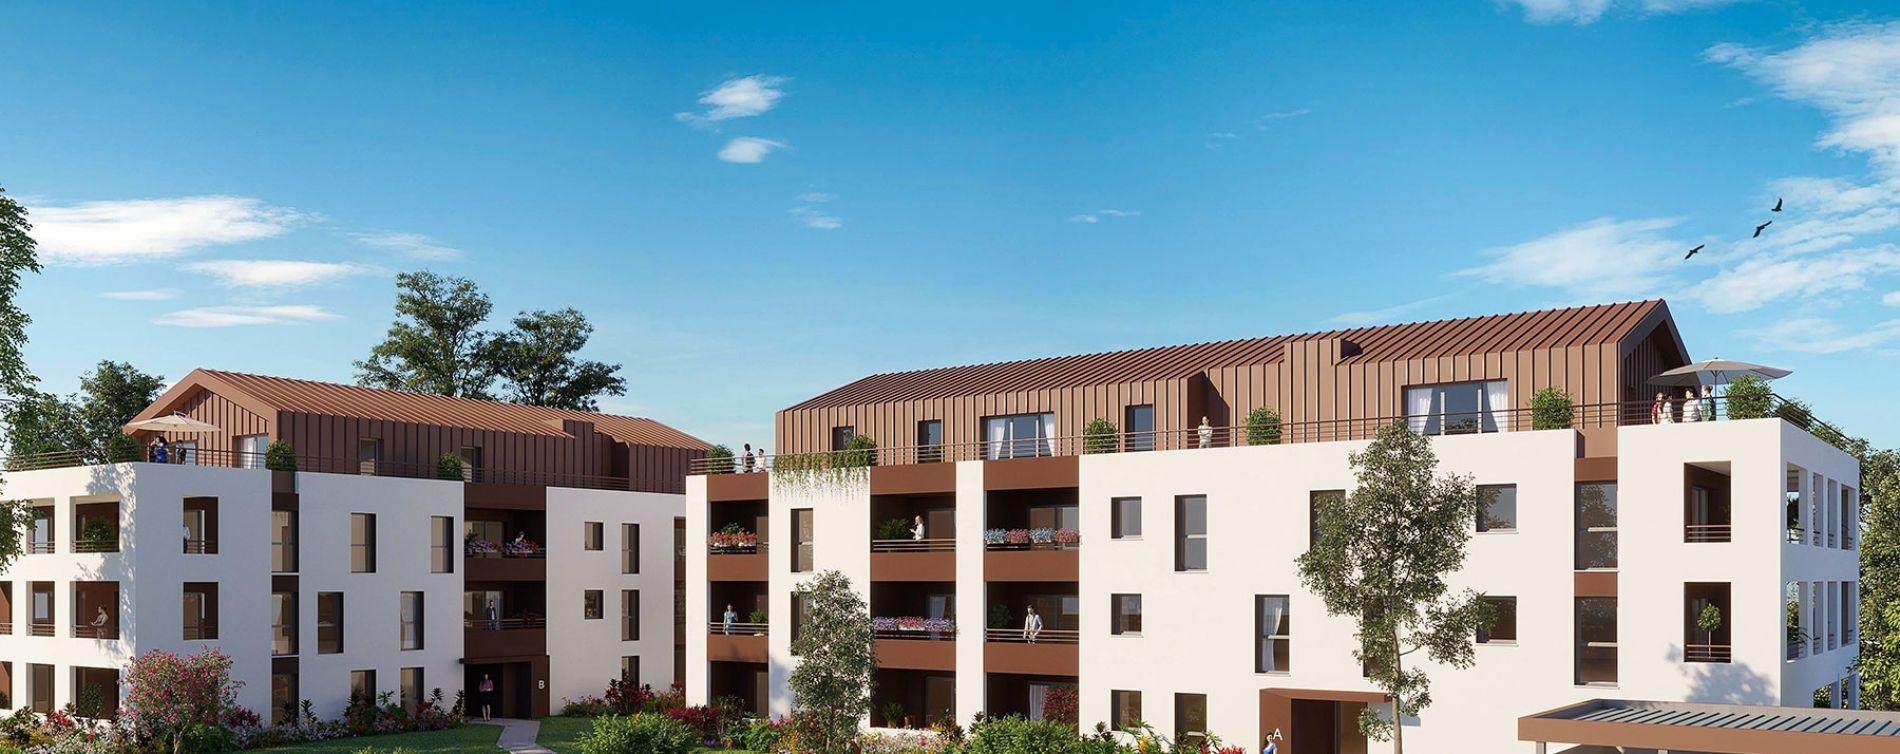 Résidence Les Terrasses de Leyran à Villenave-d'Ornon